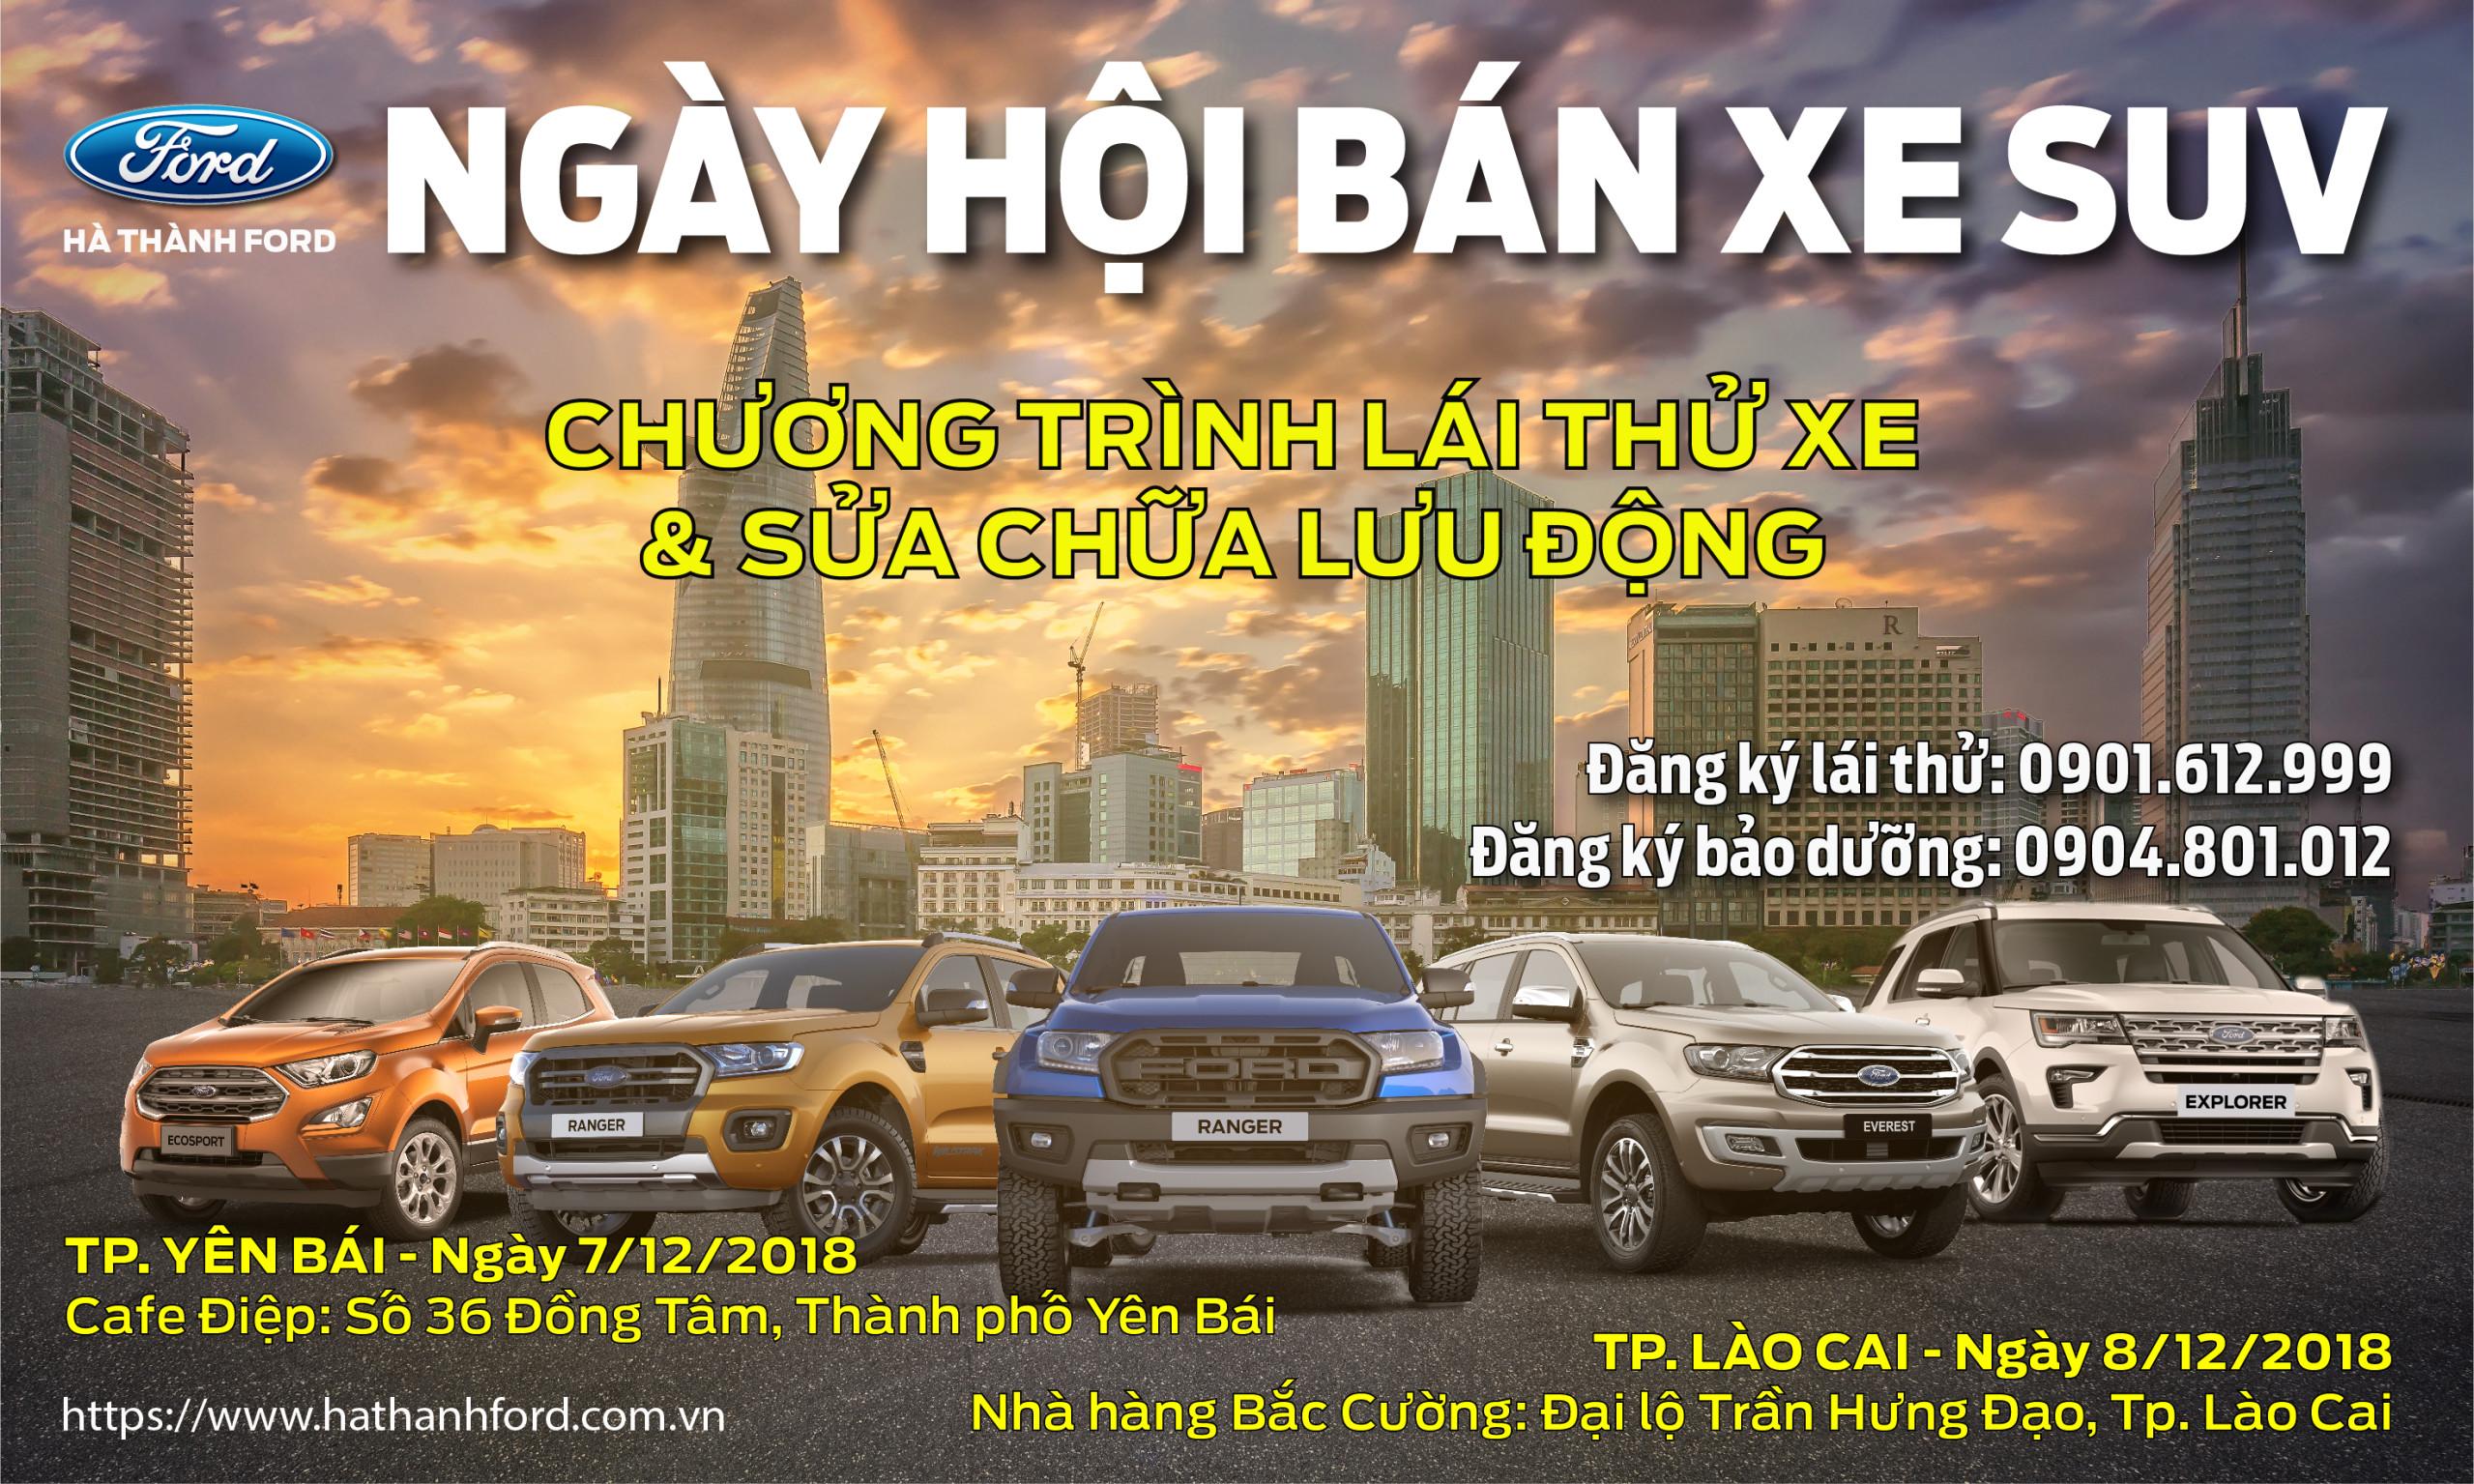 Ngày hội bán xe SUV: Ford Everest, Ford Ecosport và Ranger tại Lào Cai – Yên Bái